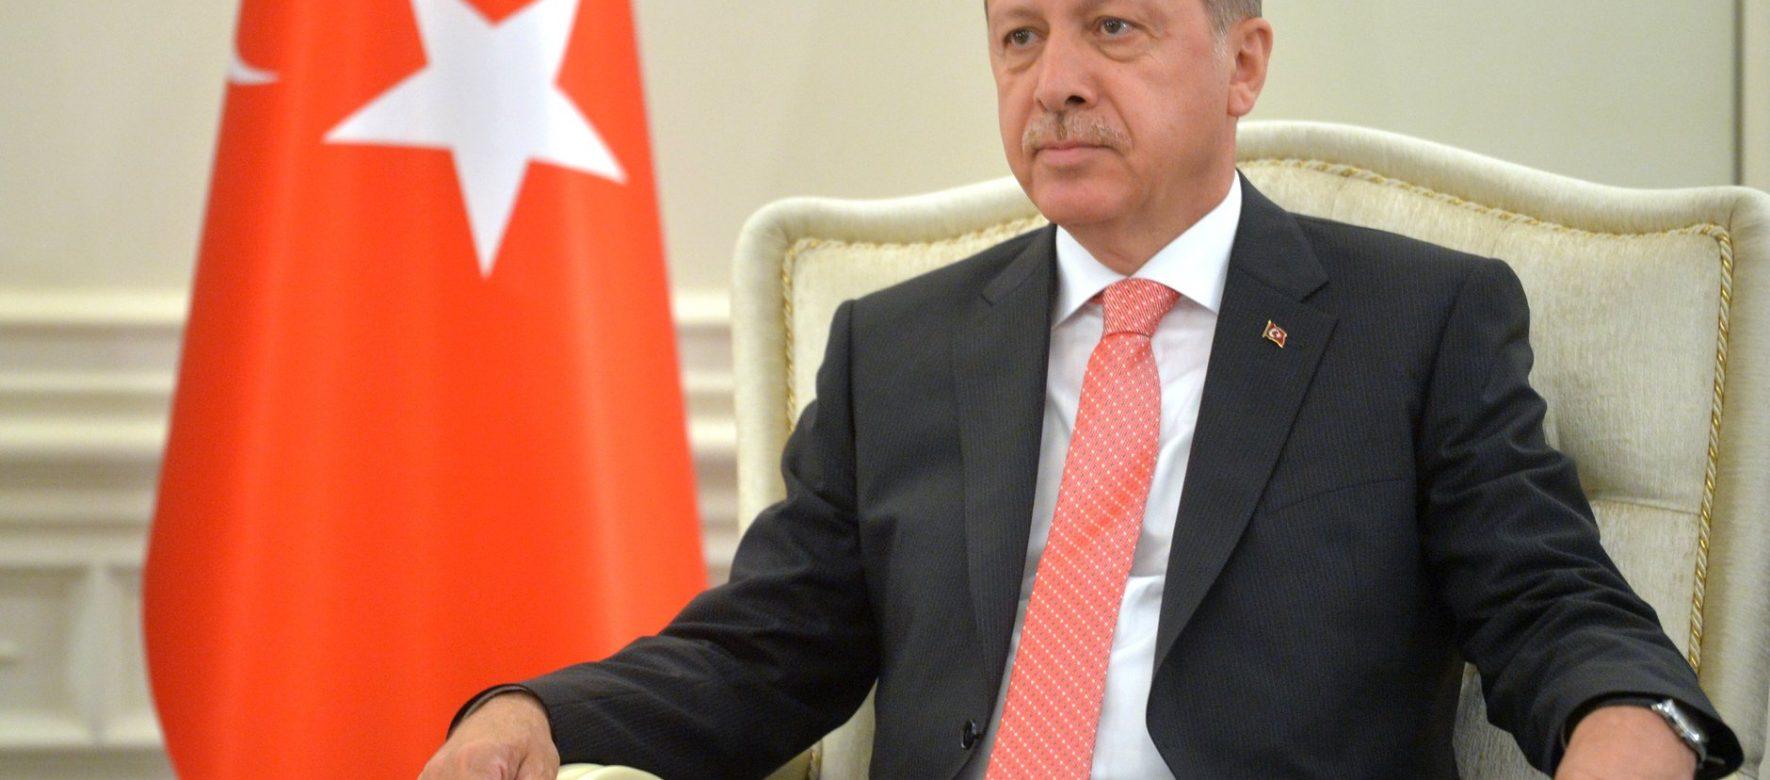 Turquie : Erdogan limoge le gouverneur de la Banque Centrale